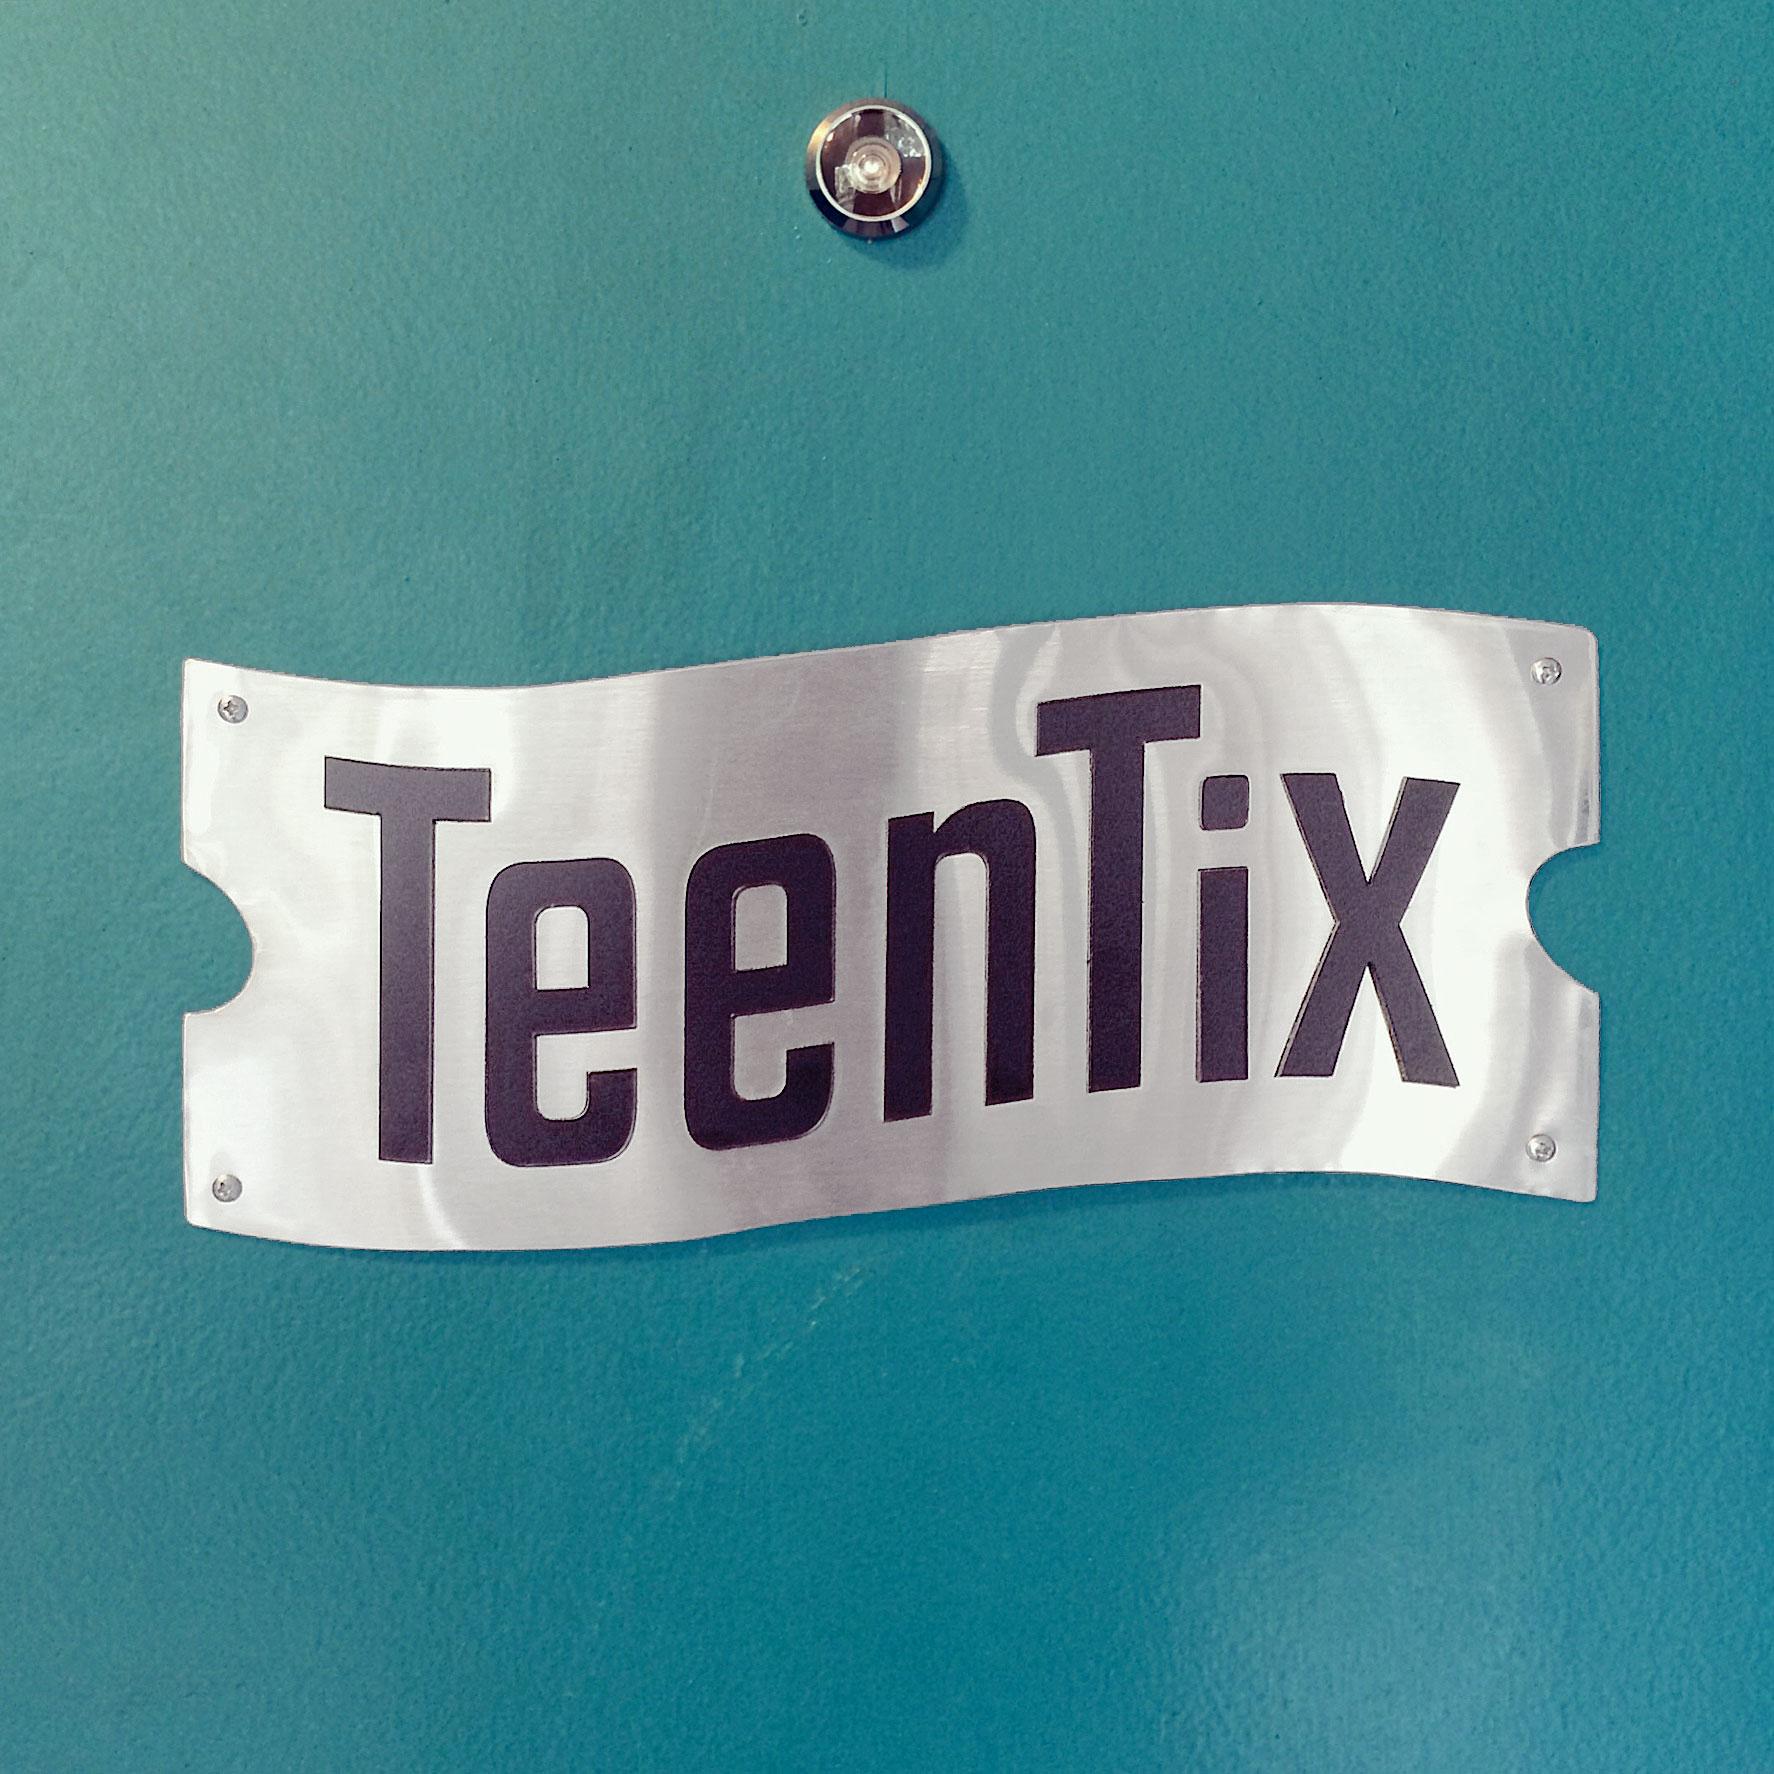 teentix-door2.jpg